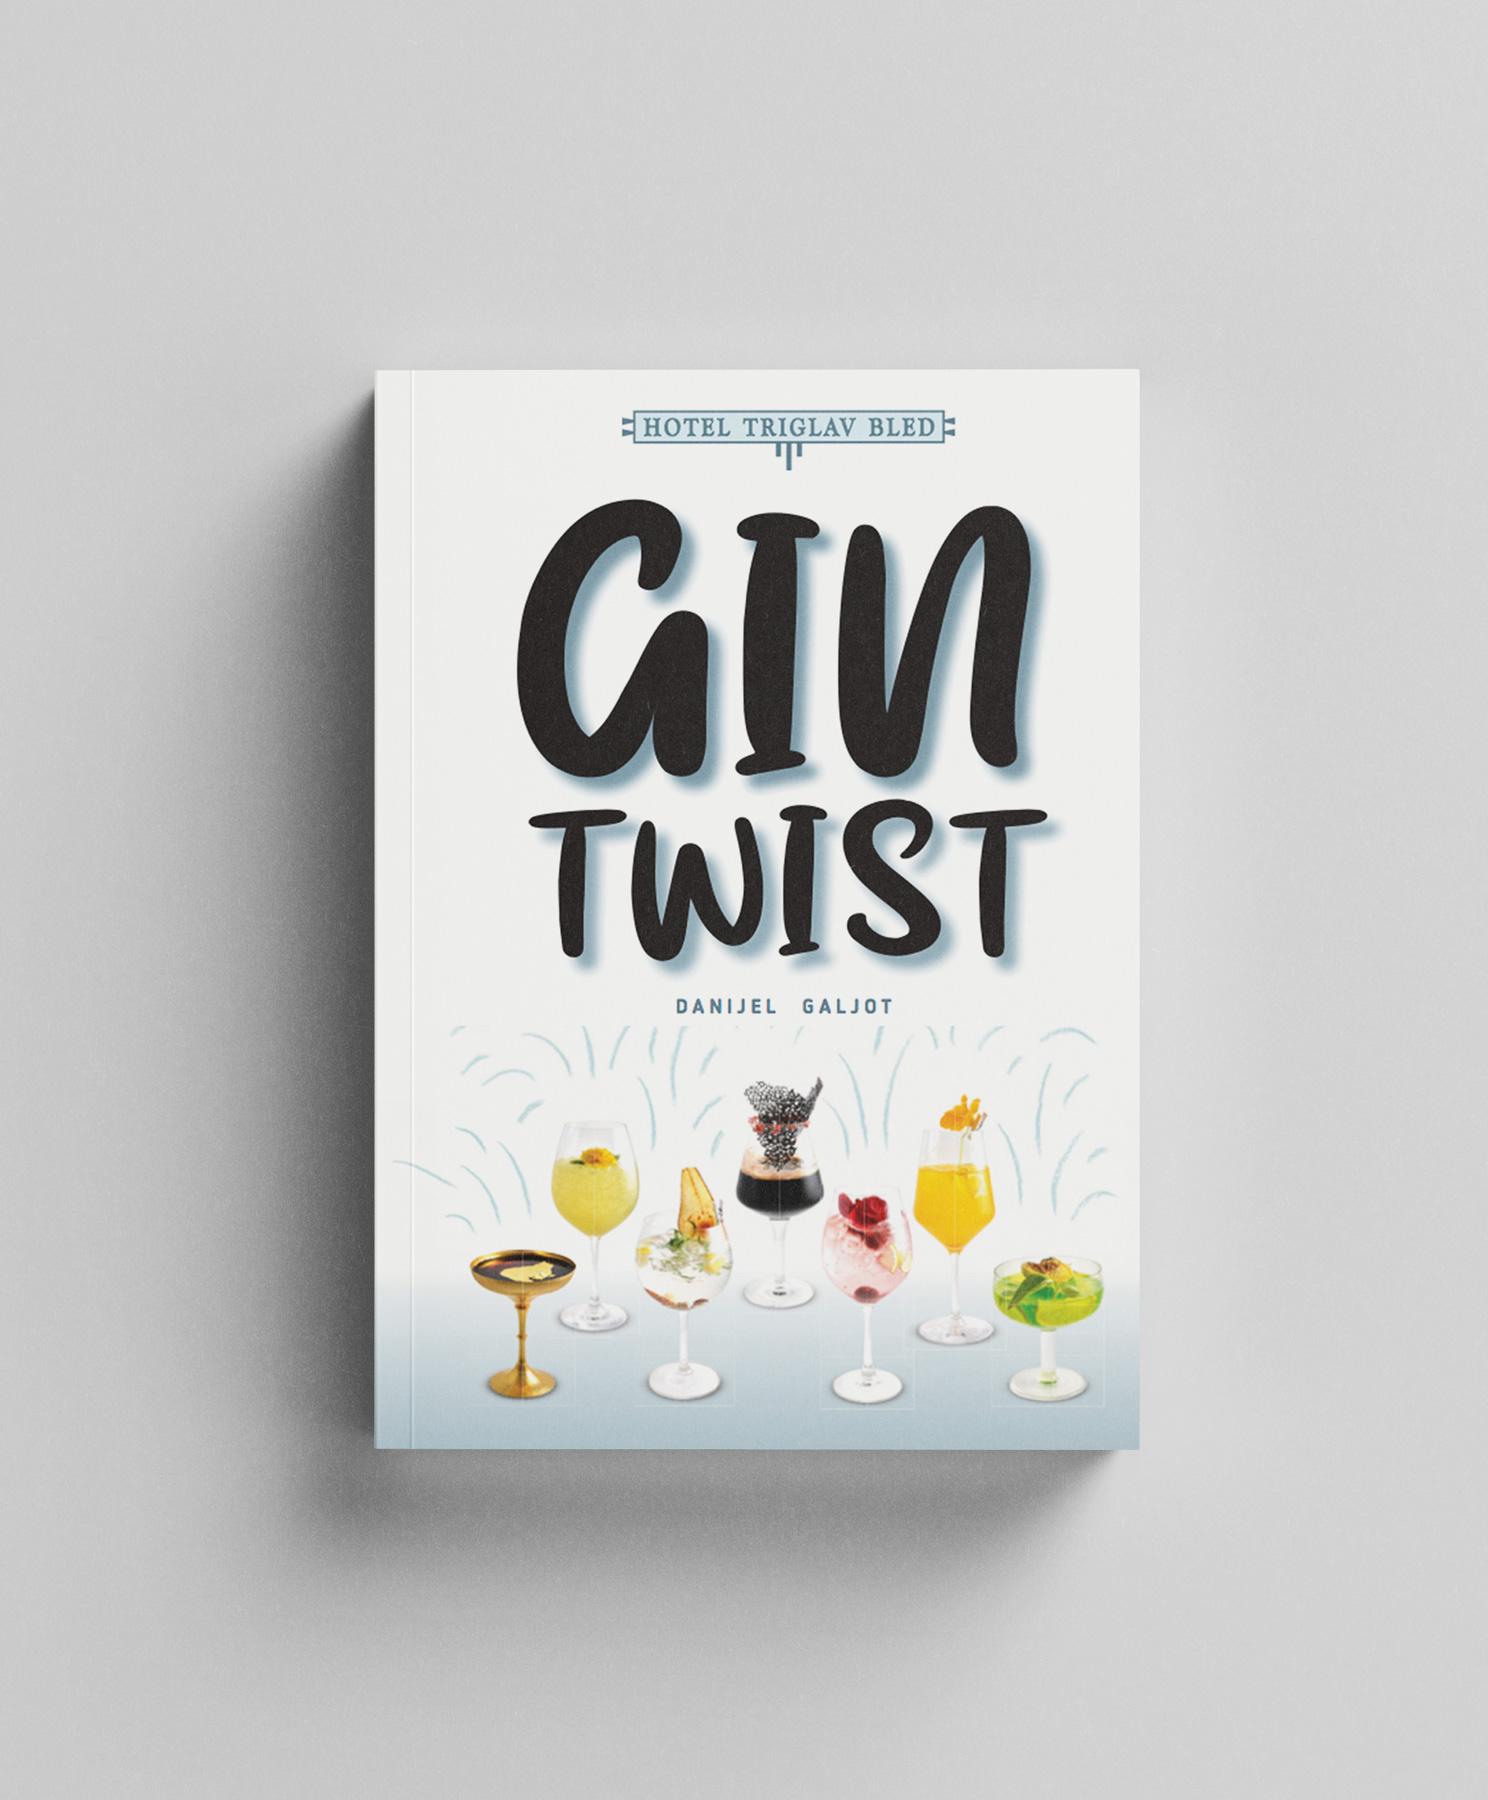 gintwist-book